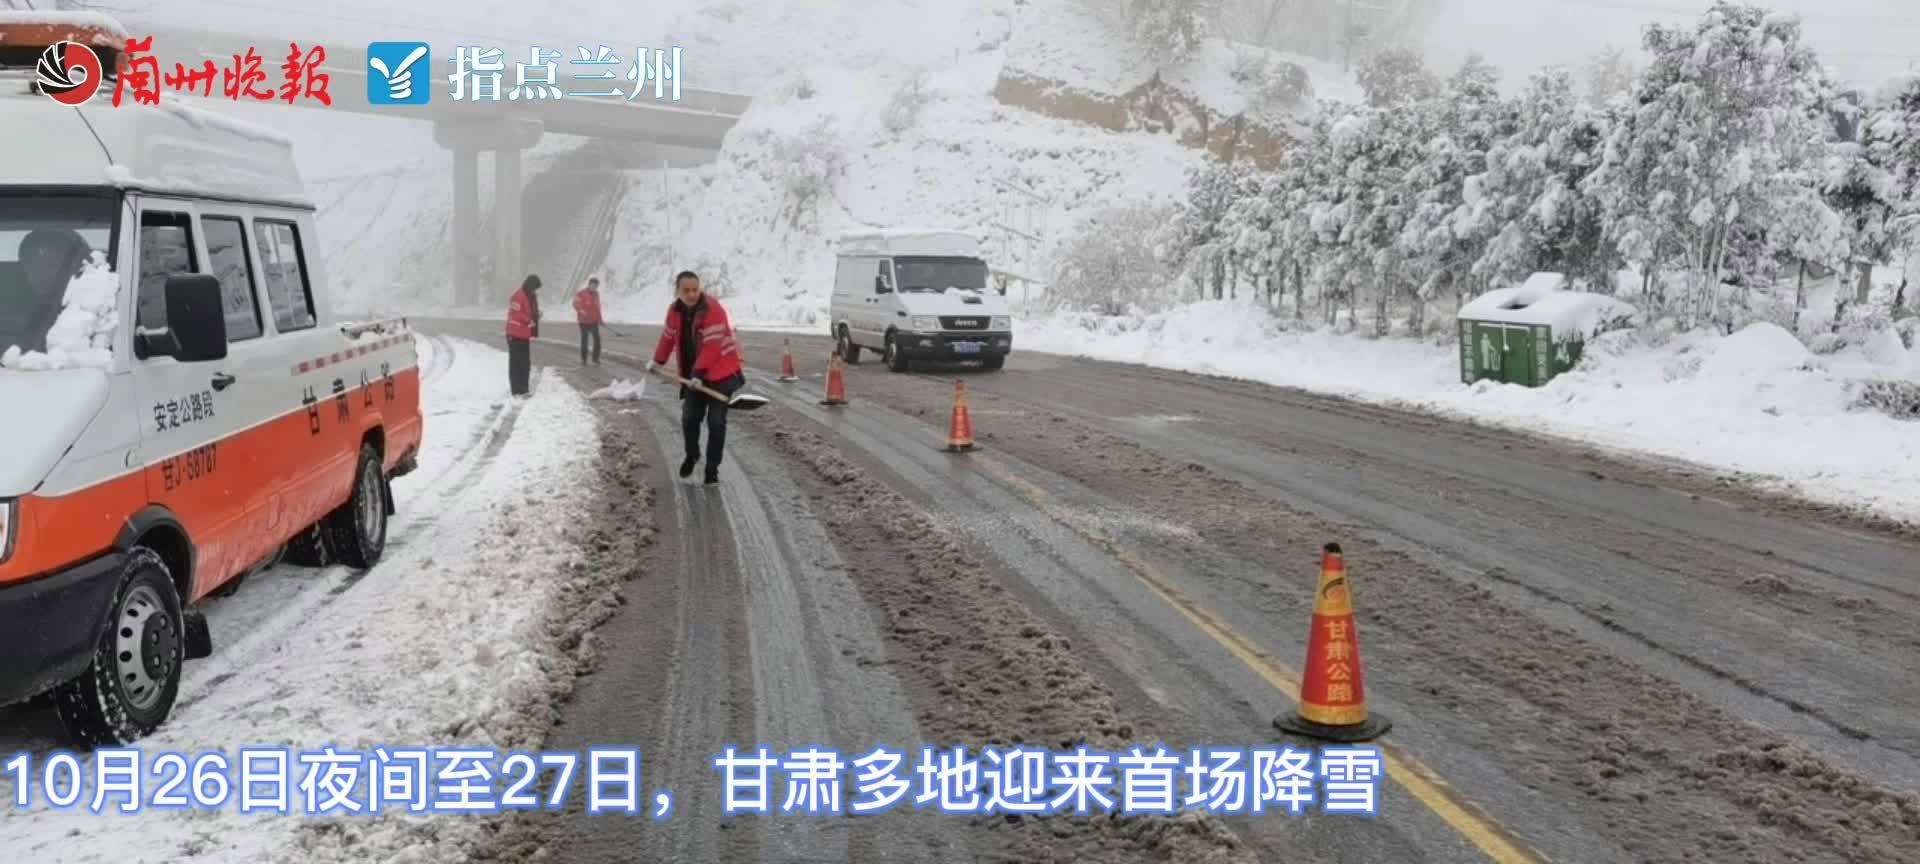 甘肃多地迎来首场降雪,公路部门除雪保畅通